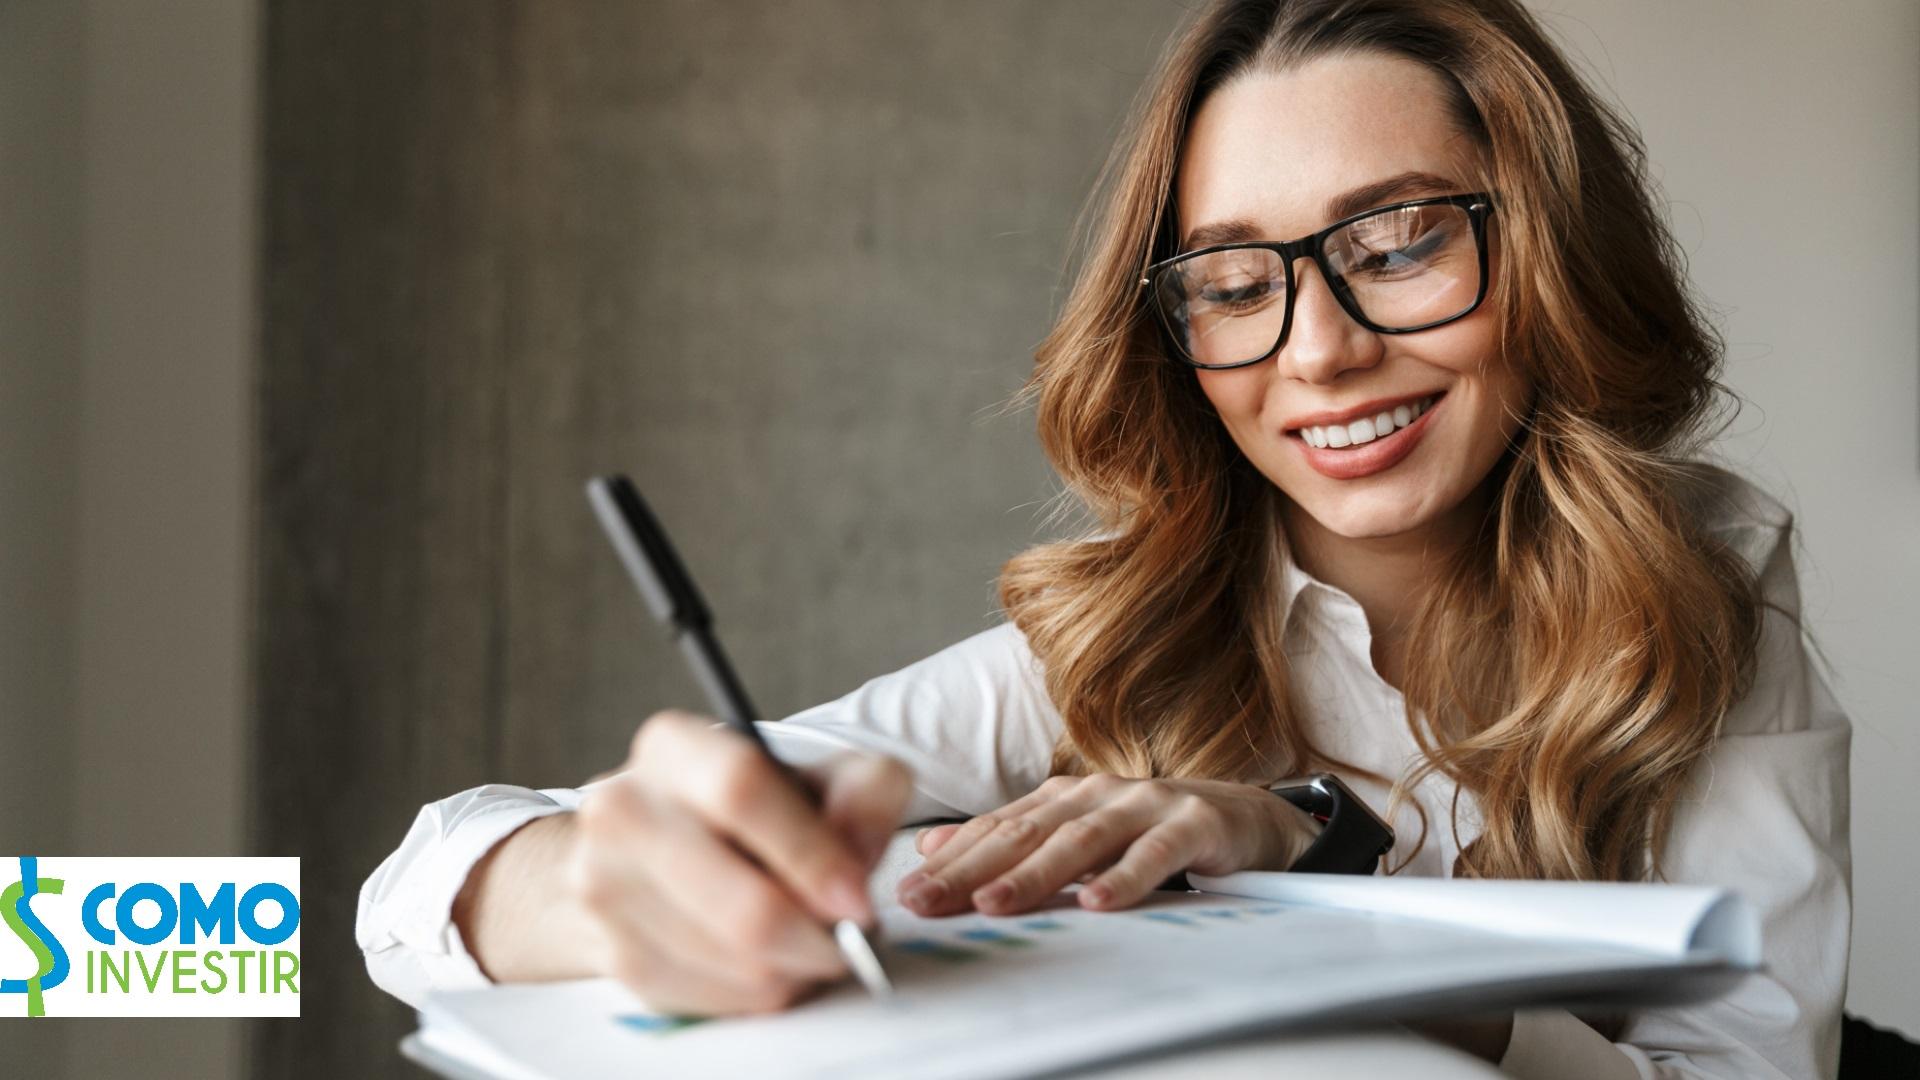 4 Dicas para montar uma planilha de controle financeiro eficiente